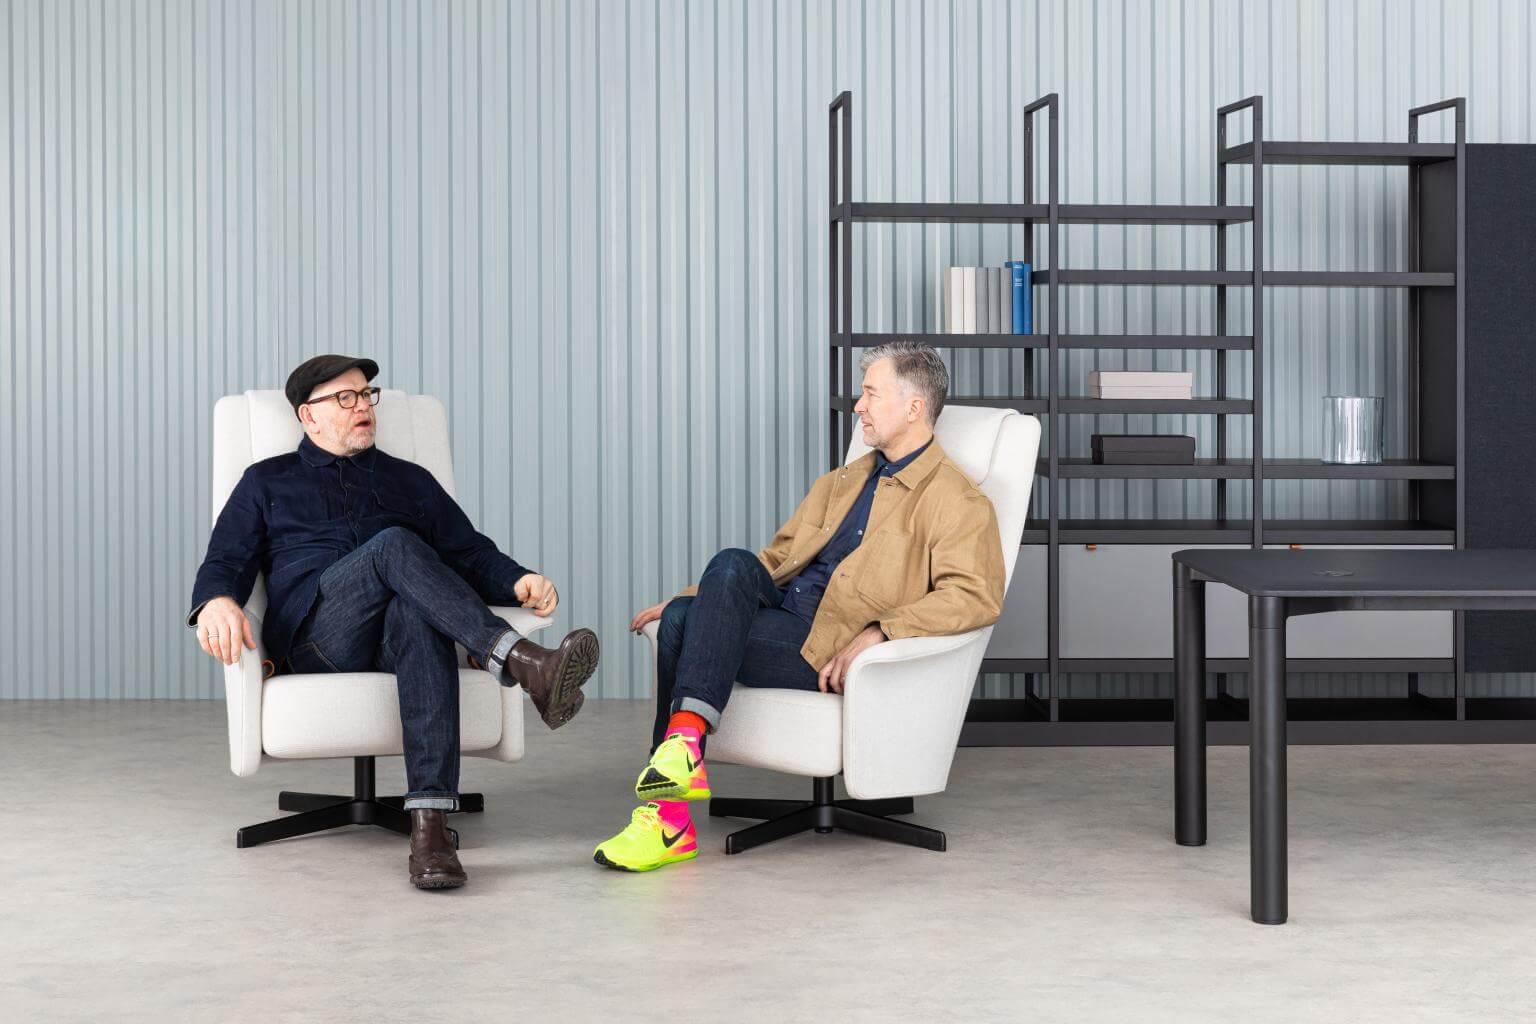 Luke Pearson & Tom Lloyd siedzący na serii PORTS wprzestrzeni biura